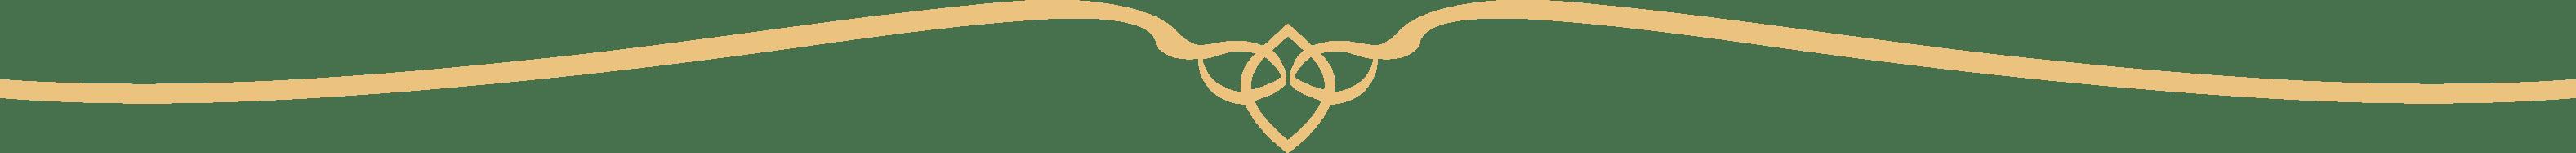 Green Clouds musica celtica brani, album e concerti